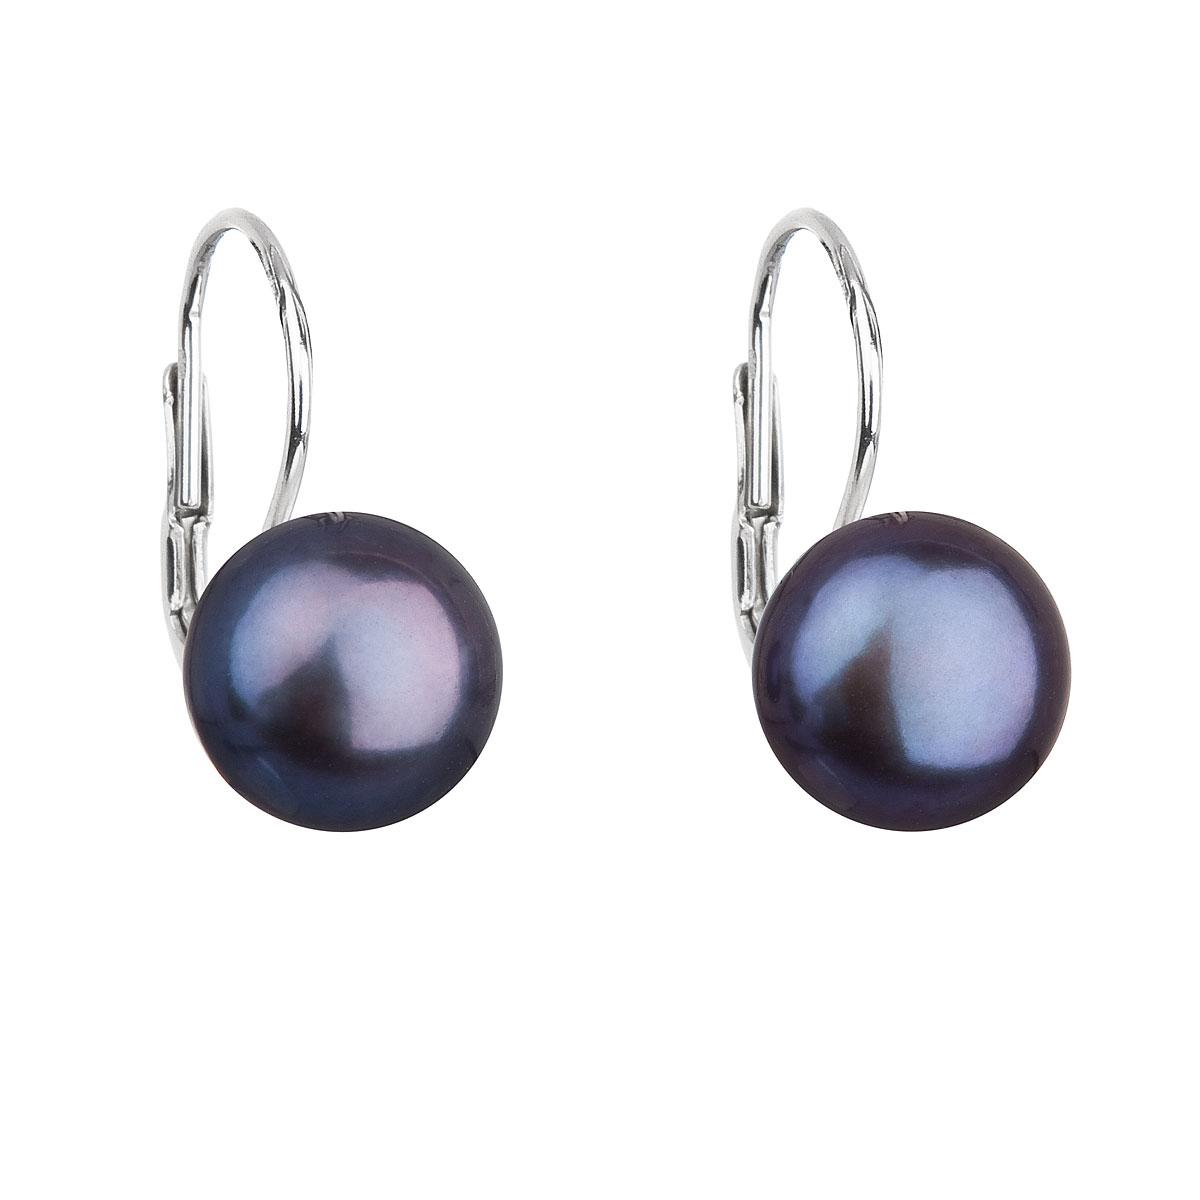 Evolution Group Stříbrné náušnice visací s modrou říční perlou 21009.3